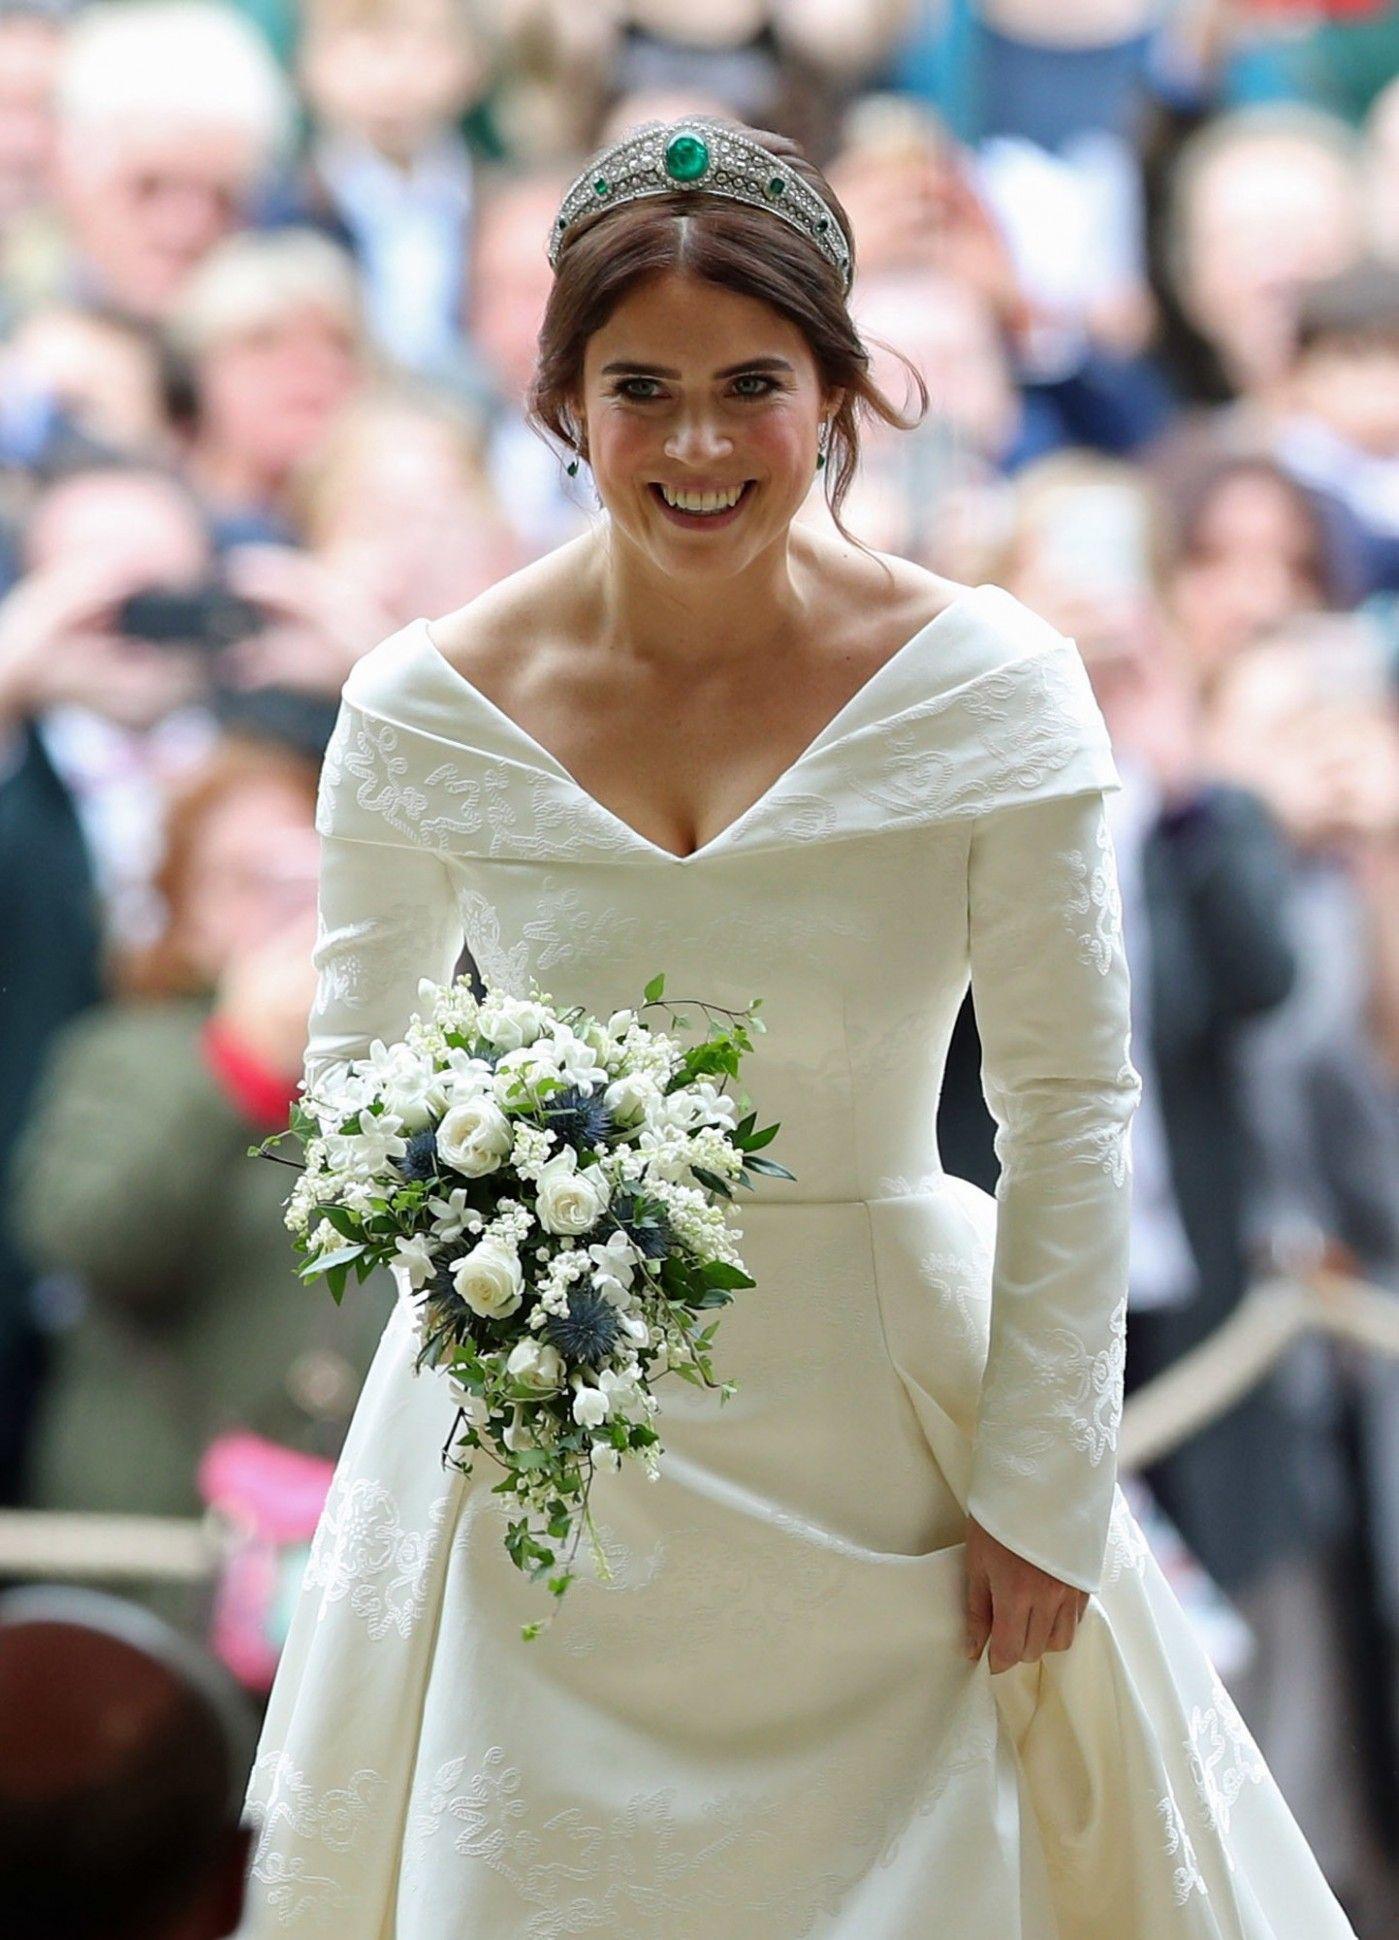 Princess Eugenie Wedding Dress Vogue Gaun Perkawinan Pengantin Gaun Pengantin [ 1940 x 1399 Pixel ]